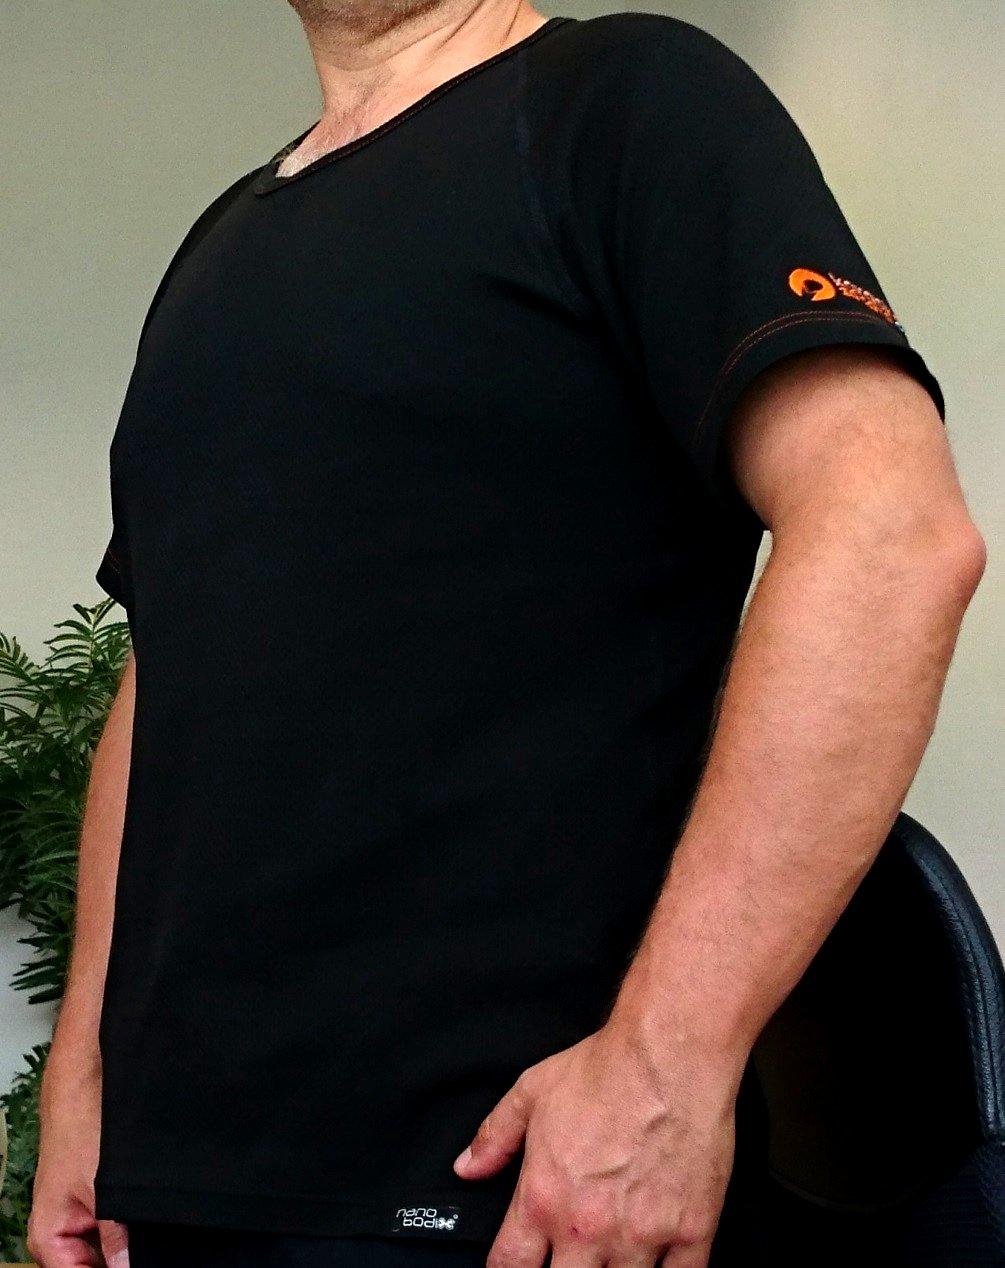 Funkční Triko Karaoke-zabava.cz - velikost M - Karaoke dárků není nikdy dost. Funkční triko s antibakteriální složkou je opravdu dobrá a vyzkoušená věc. Teď i s logem našeho webu www.karaoke-zabava.cz